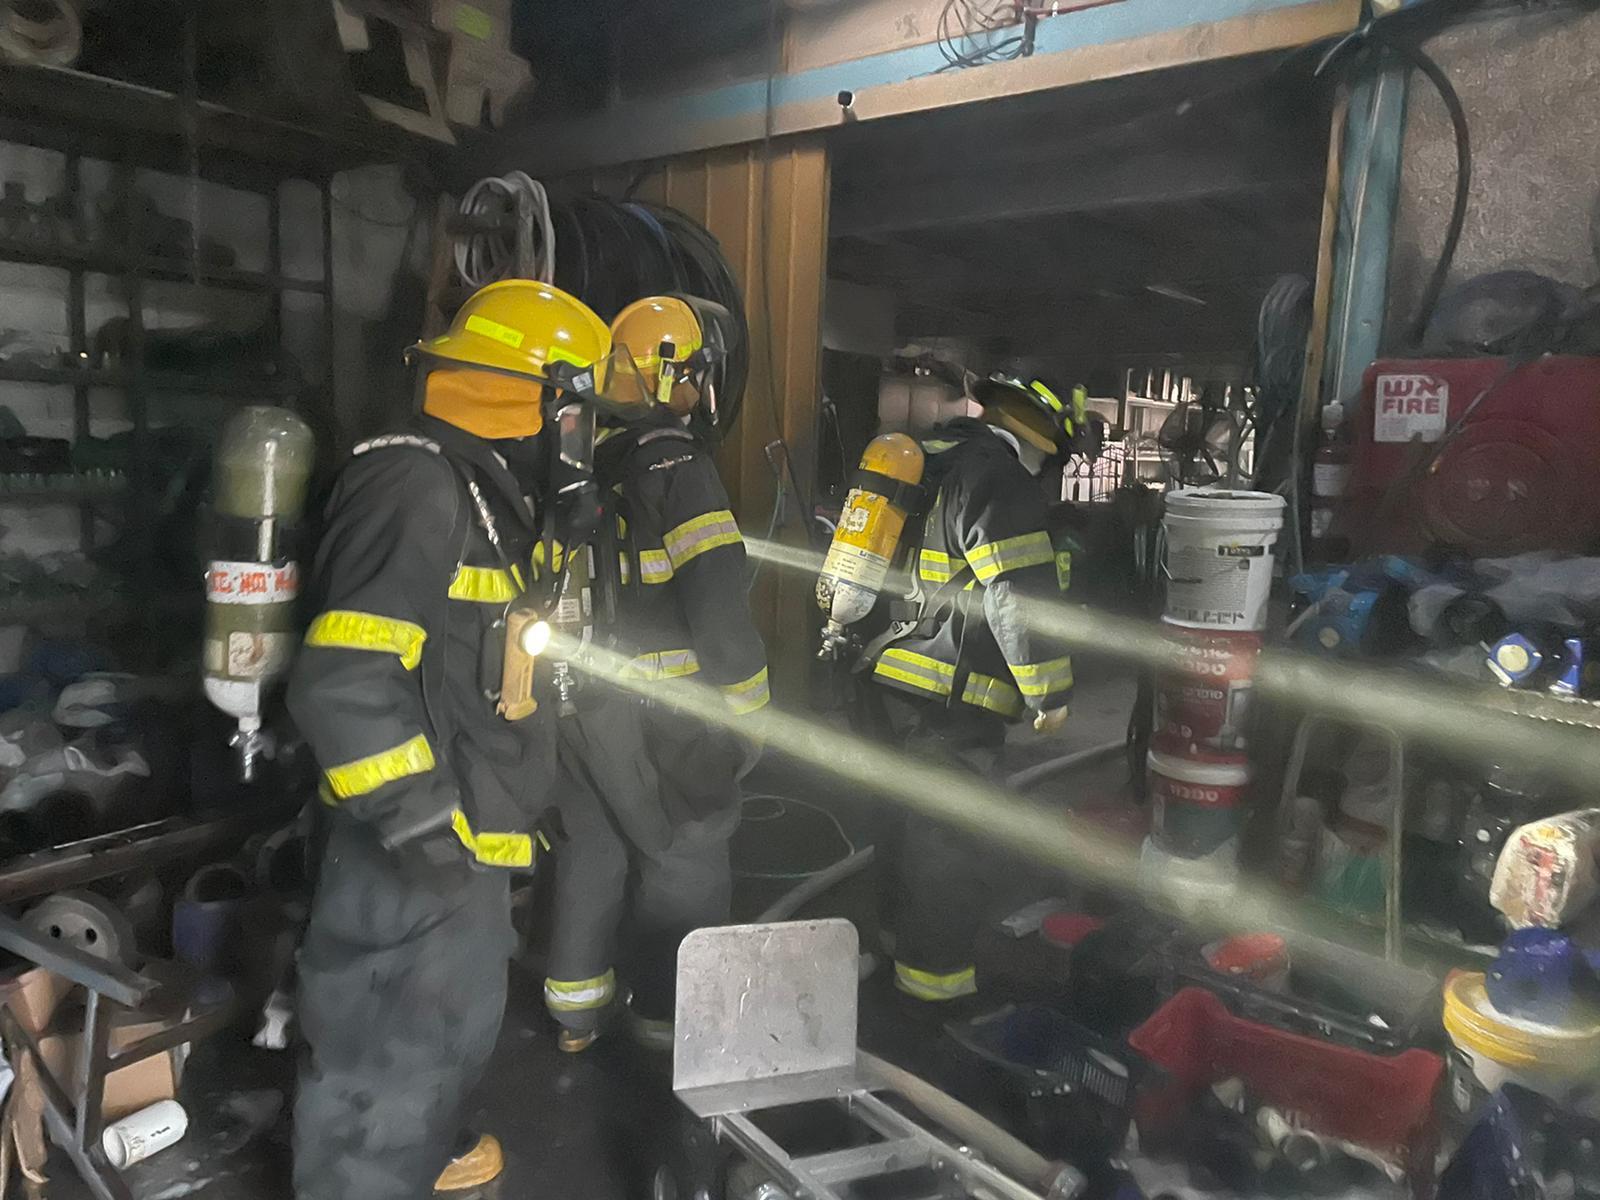 שריפה באזור התעשייה באילת מול מתחם ביג